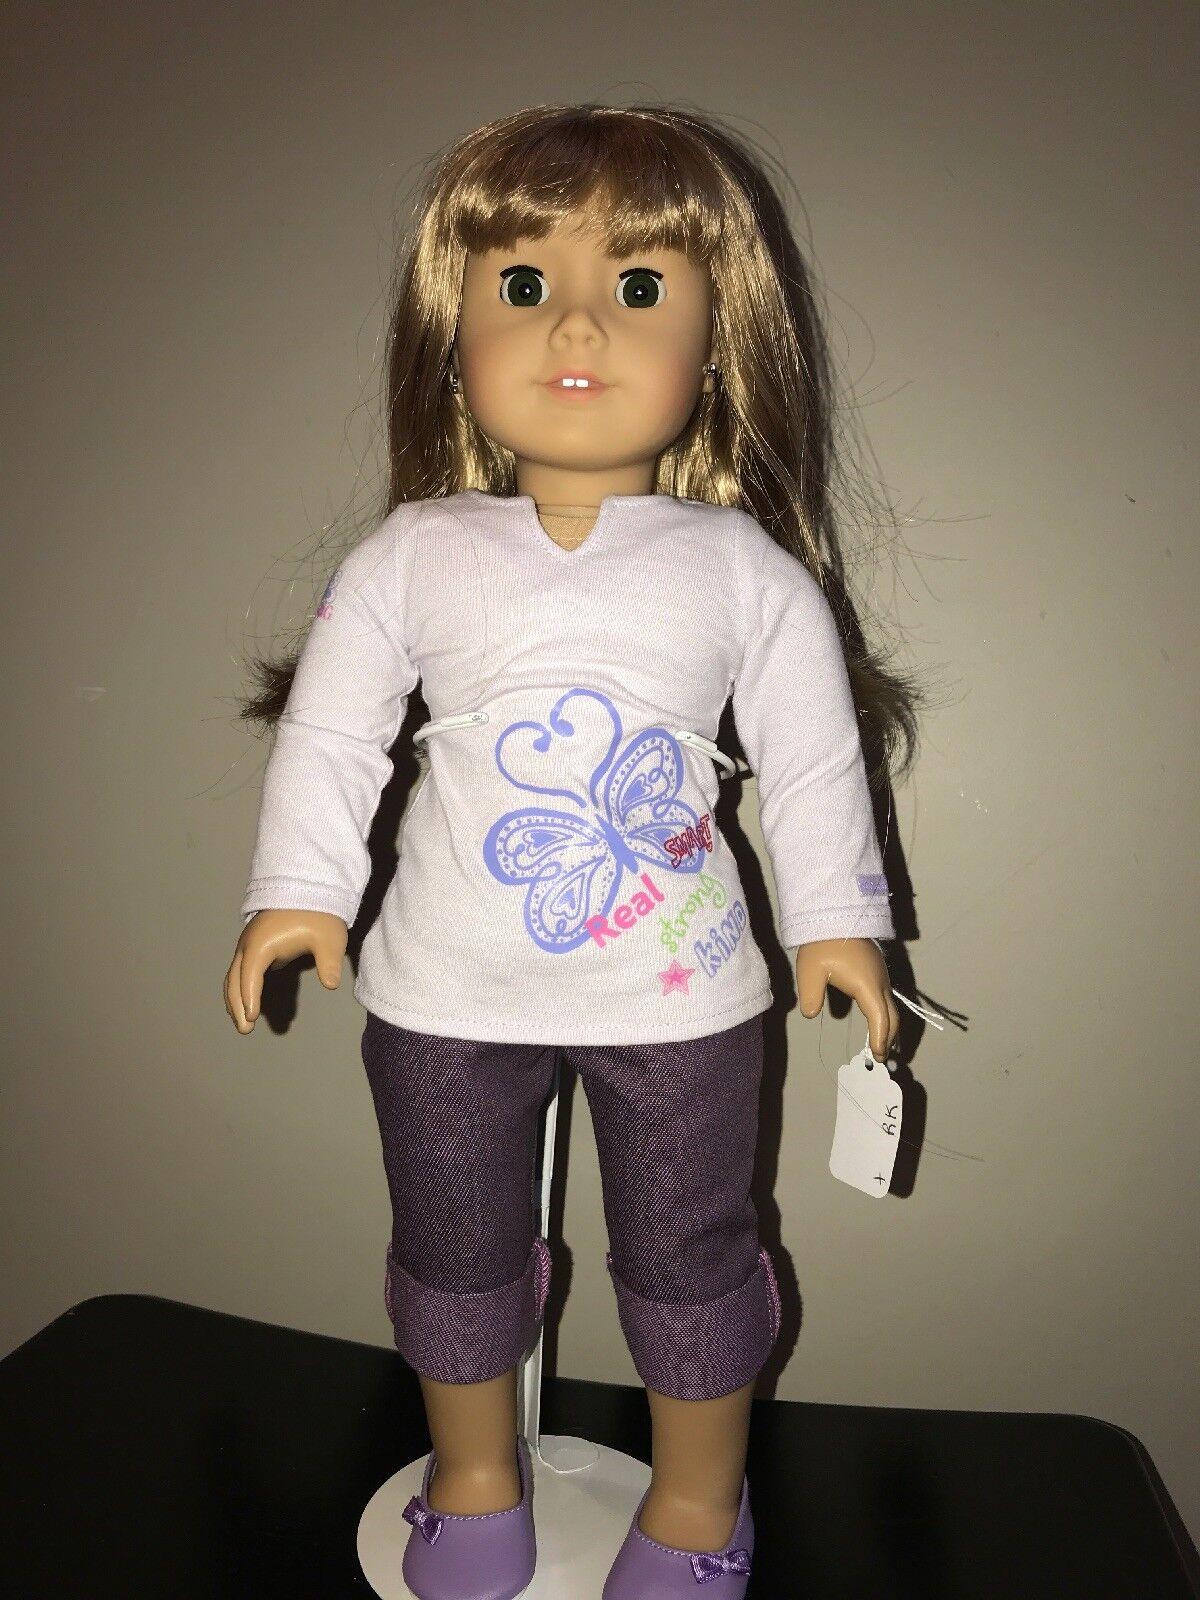 Doll American Girl Featherot Eyebrows Blonde Hair Wears Earrings